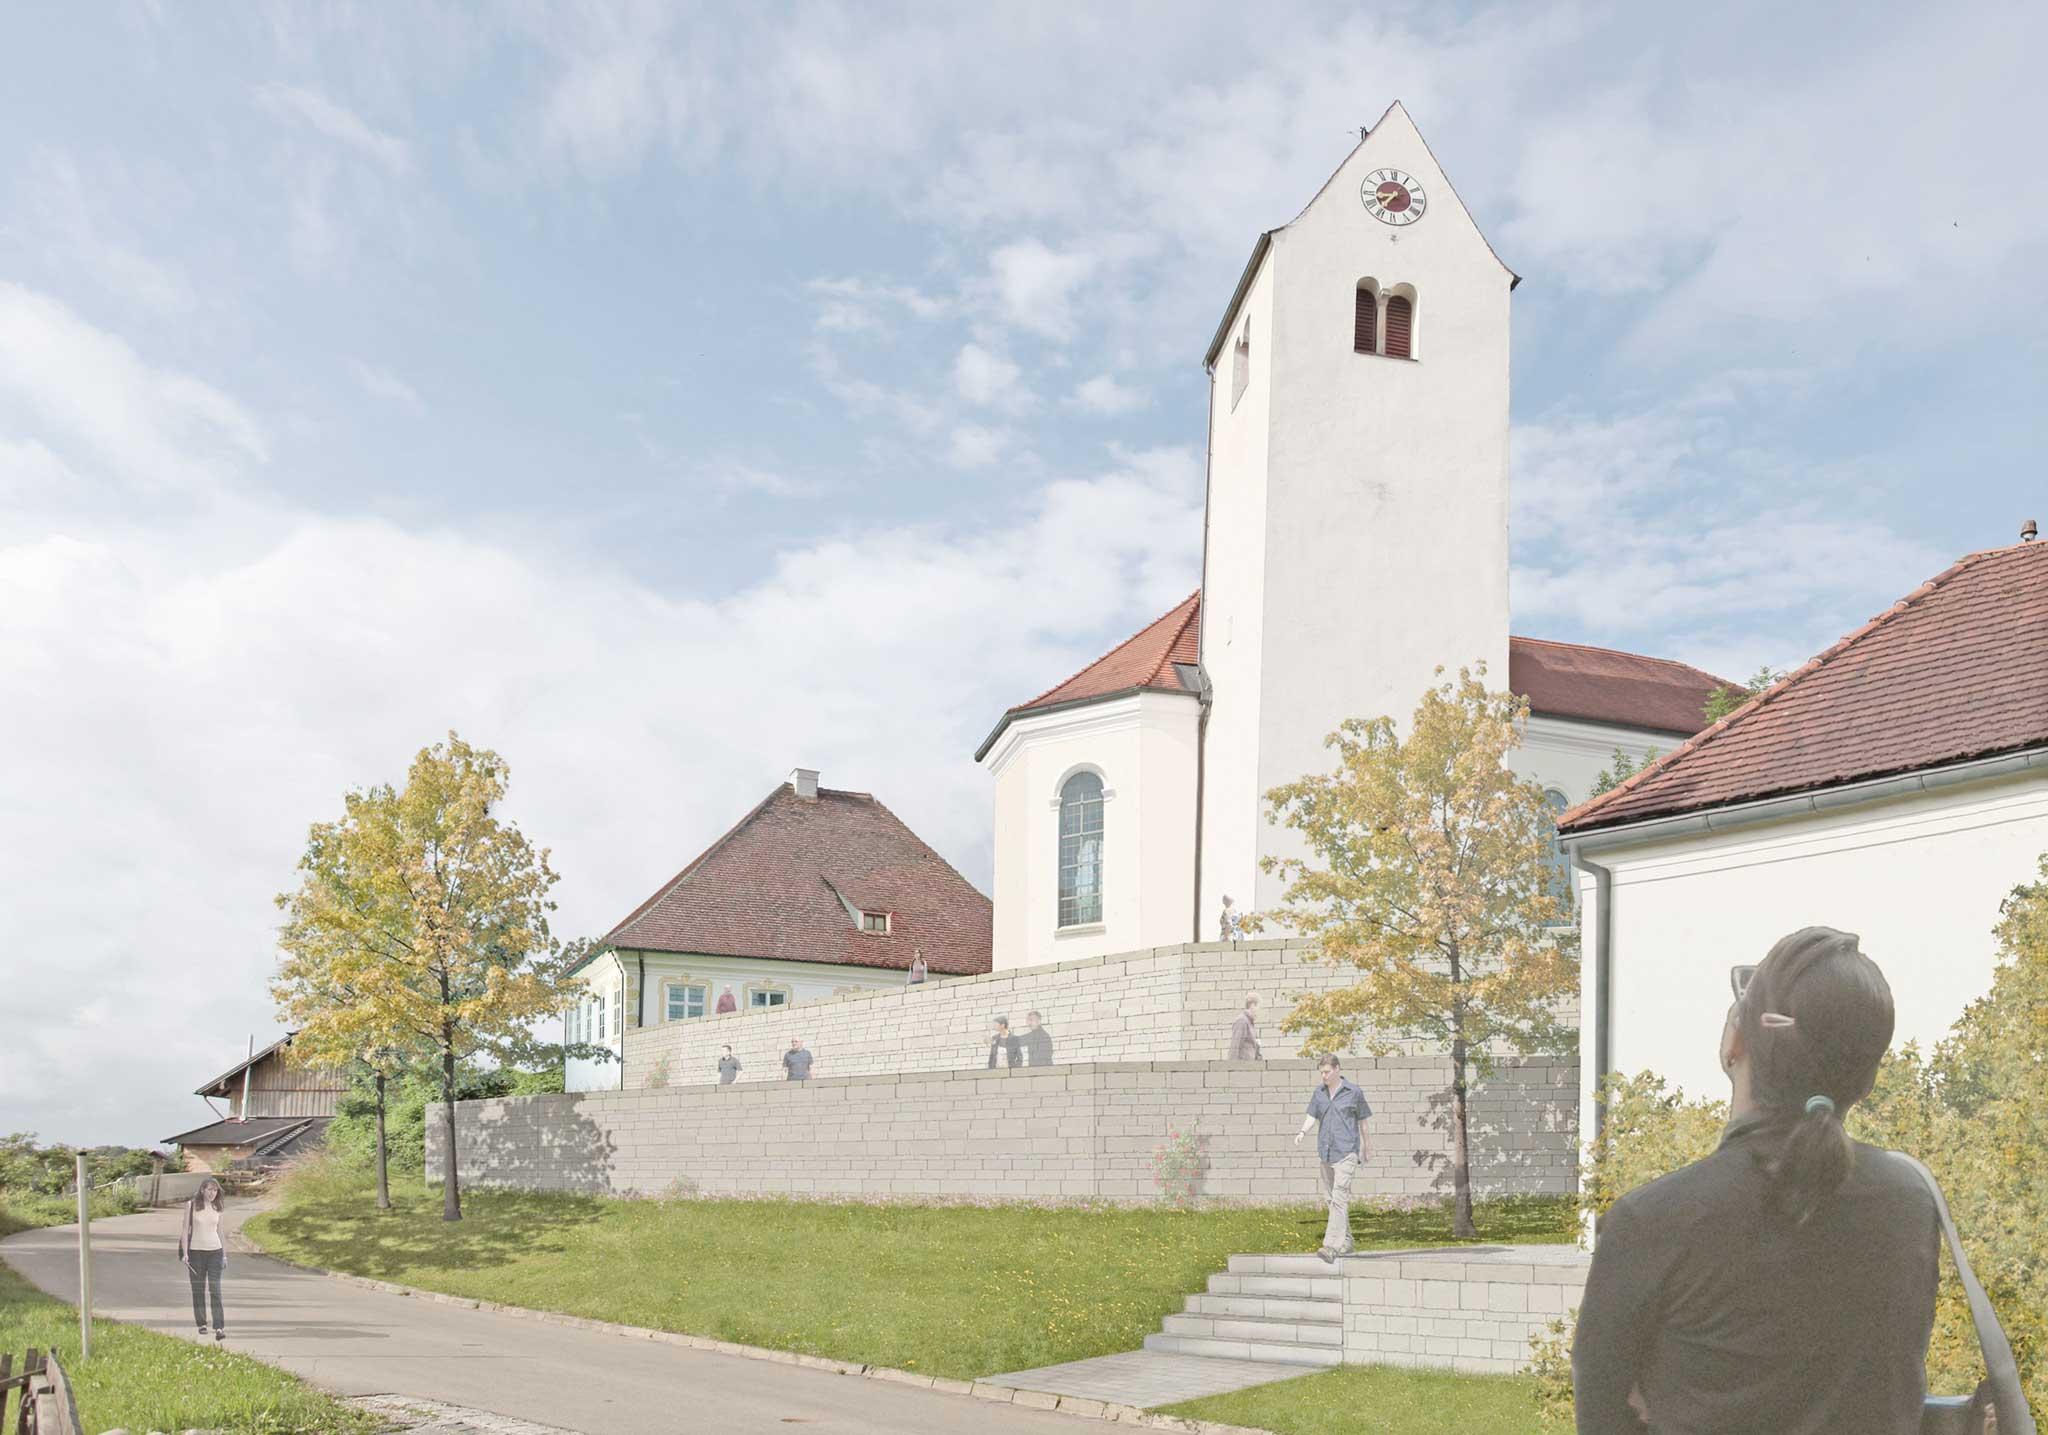 Erweiterung Alter Friedhof Epfach - Perspektive